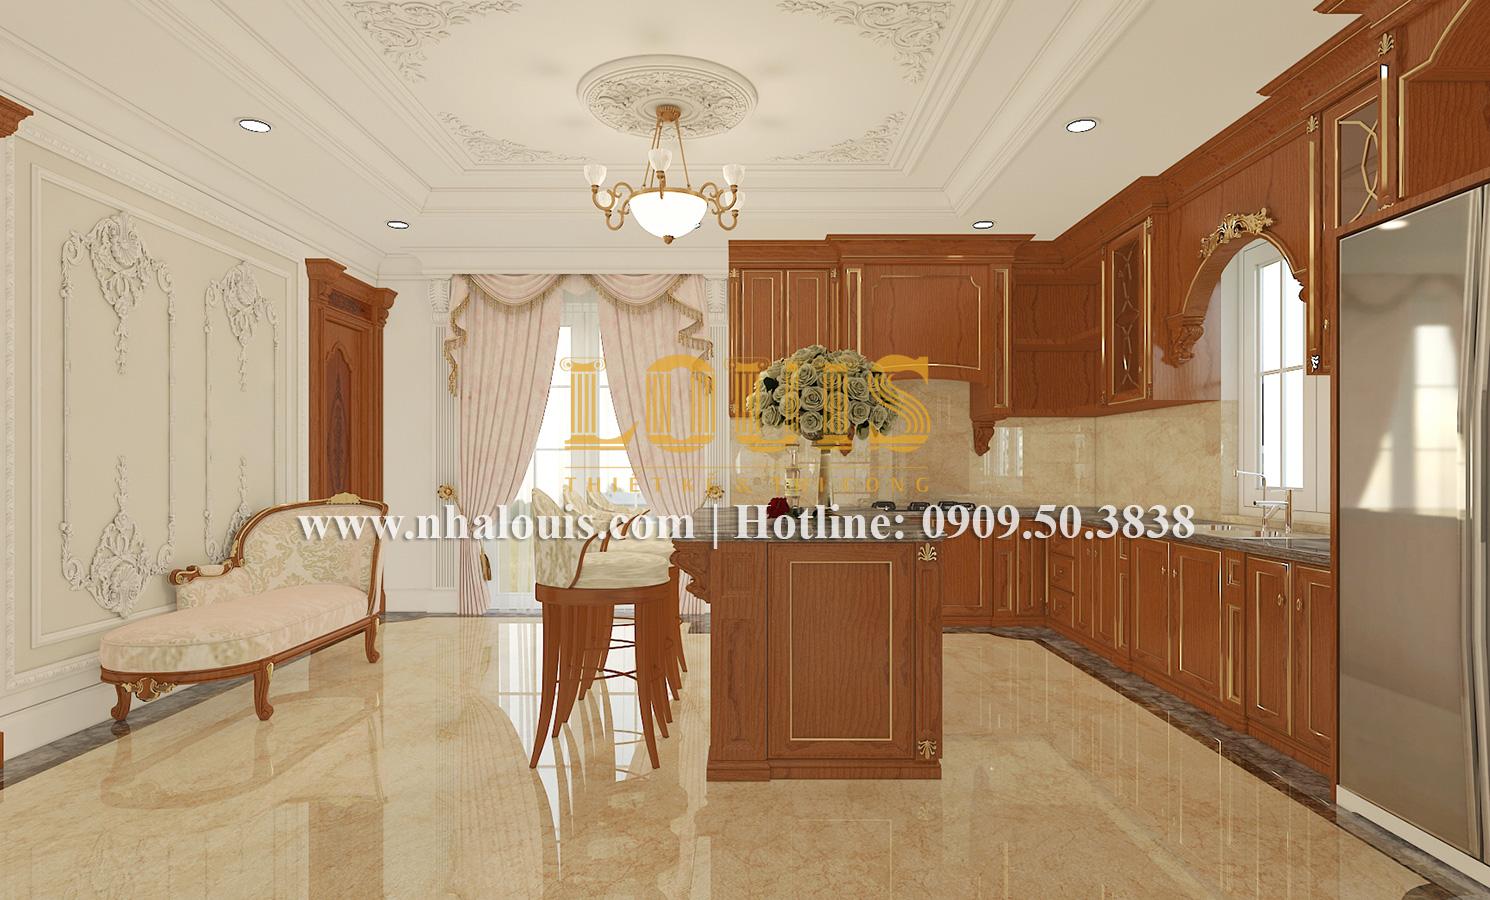 Bếp và phòng ăn Mẫu biệt thự kiến trúc Pháp tại Đồng Nai đẹp hoa lệ - 16